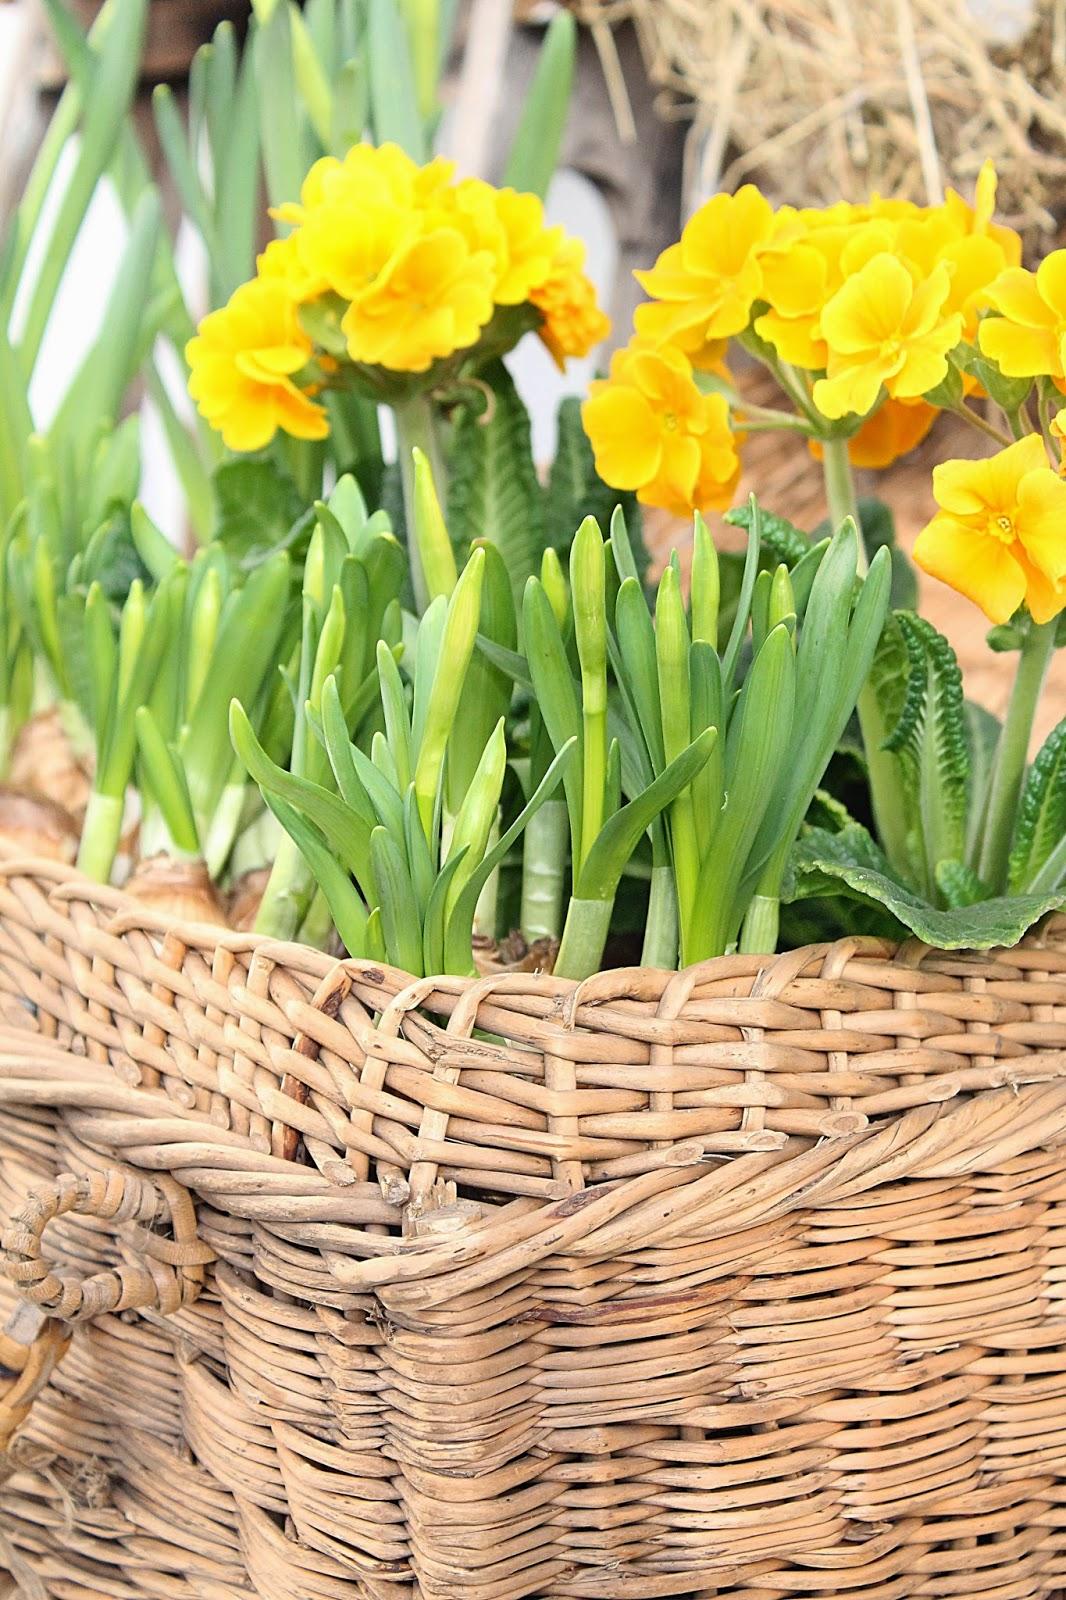 dekor/vesennie-cvety-k-pashe-foto-4.jpg